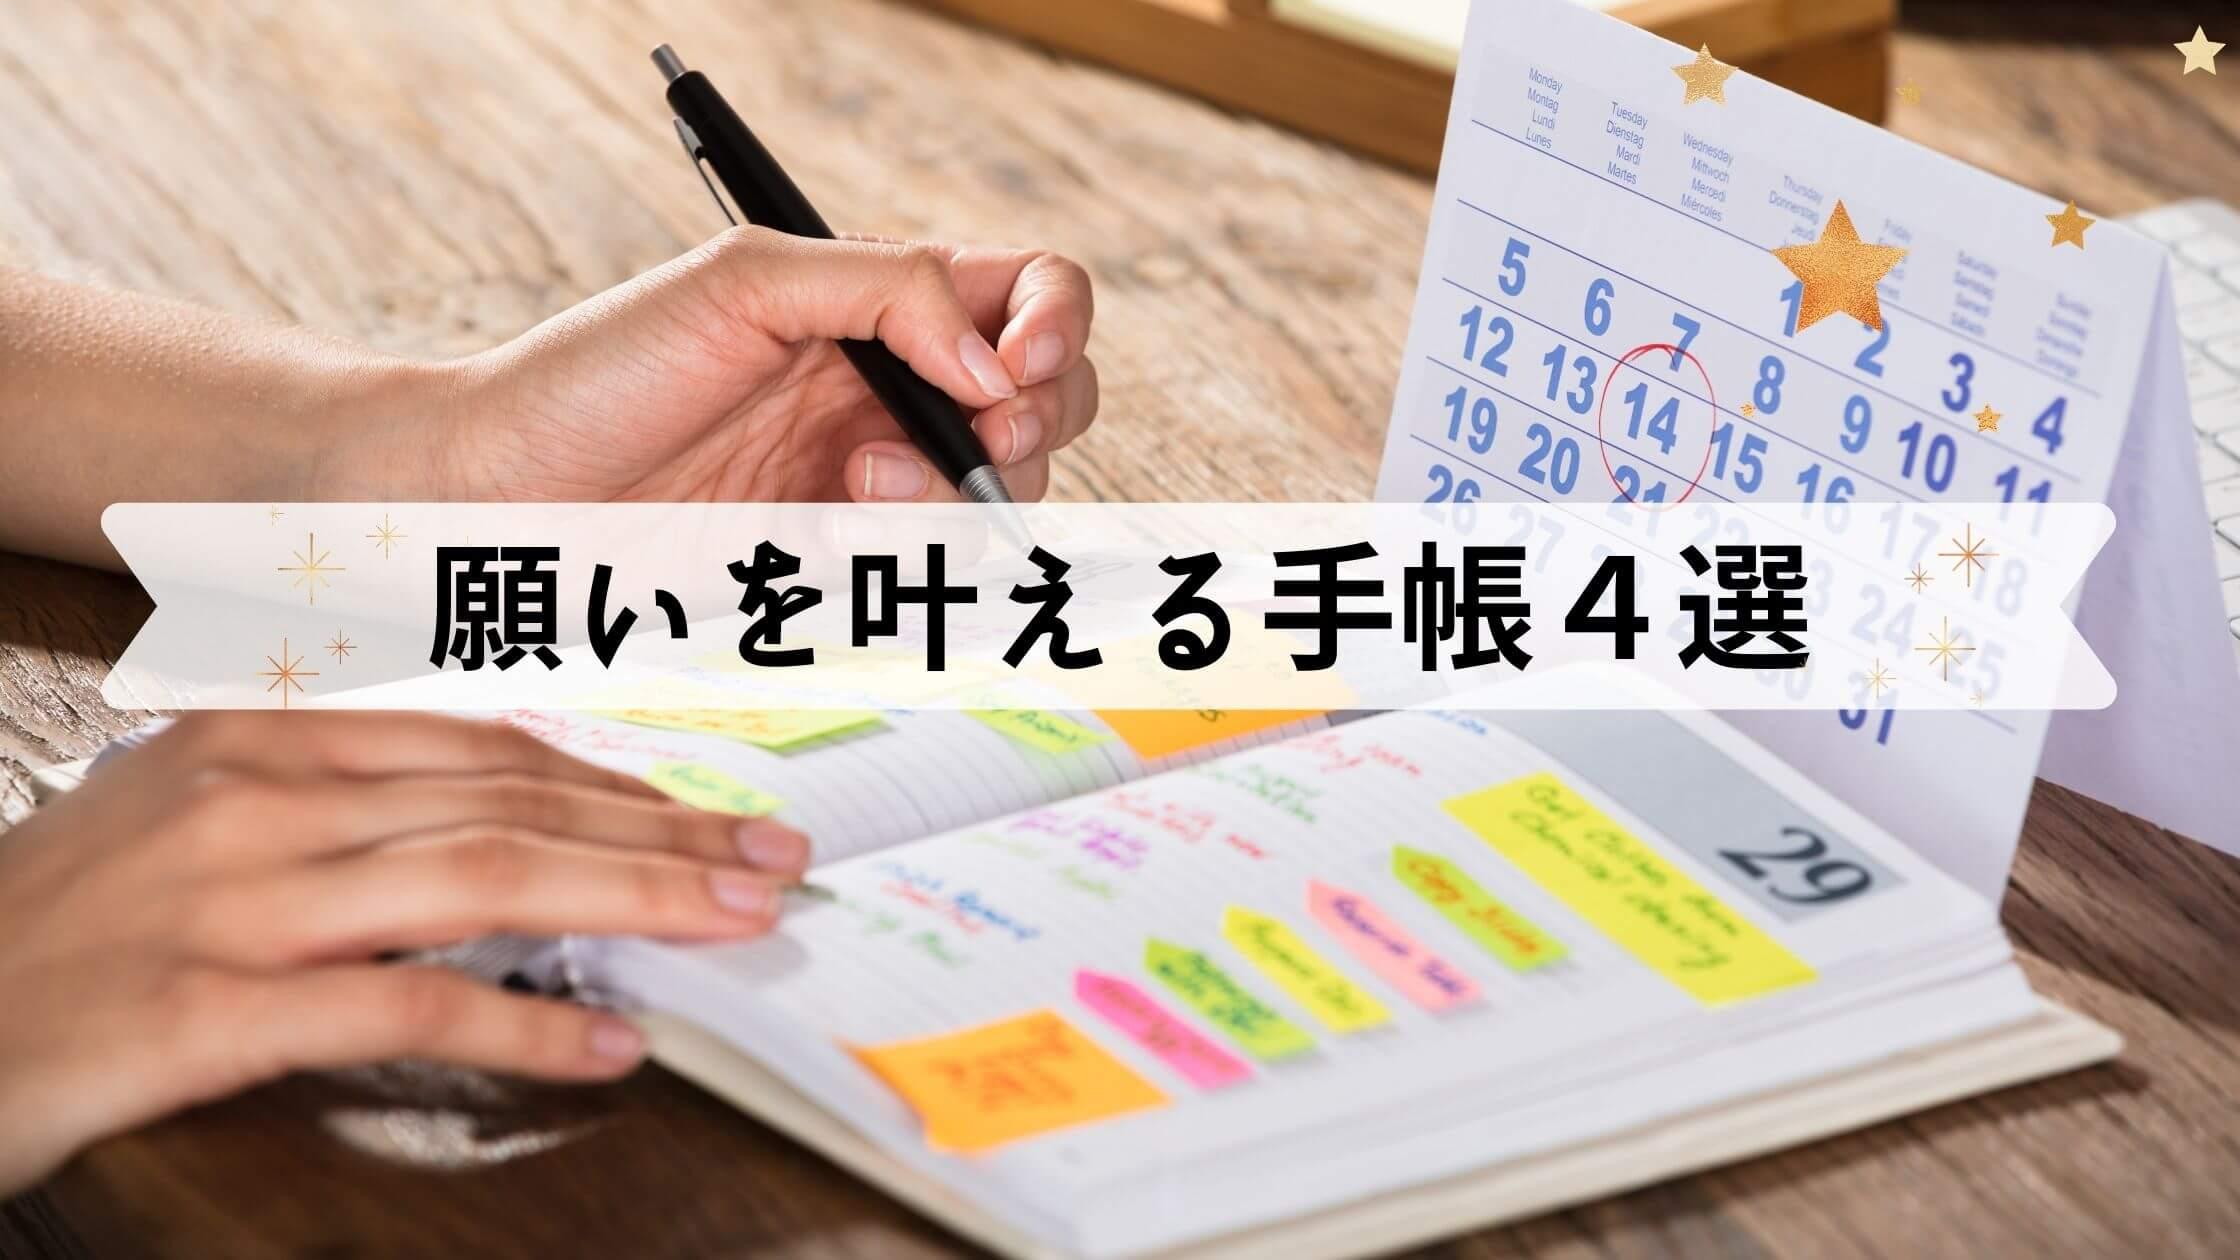 おすすめ 手帳 2021